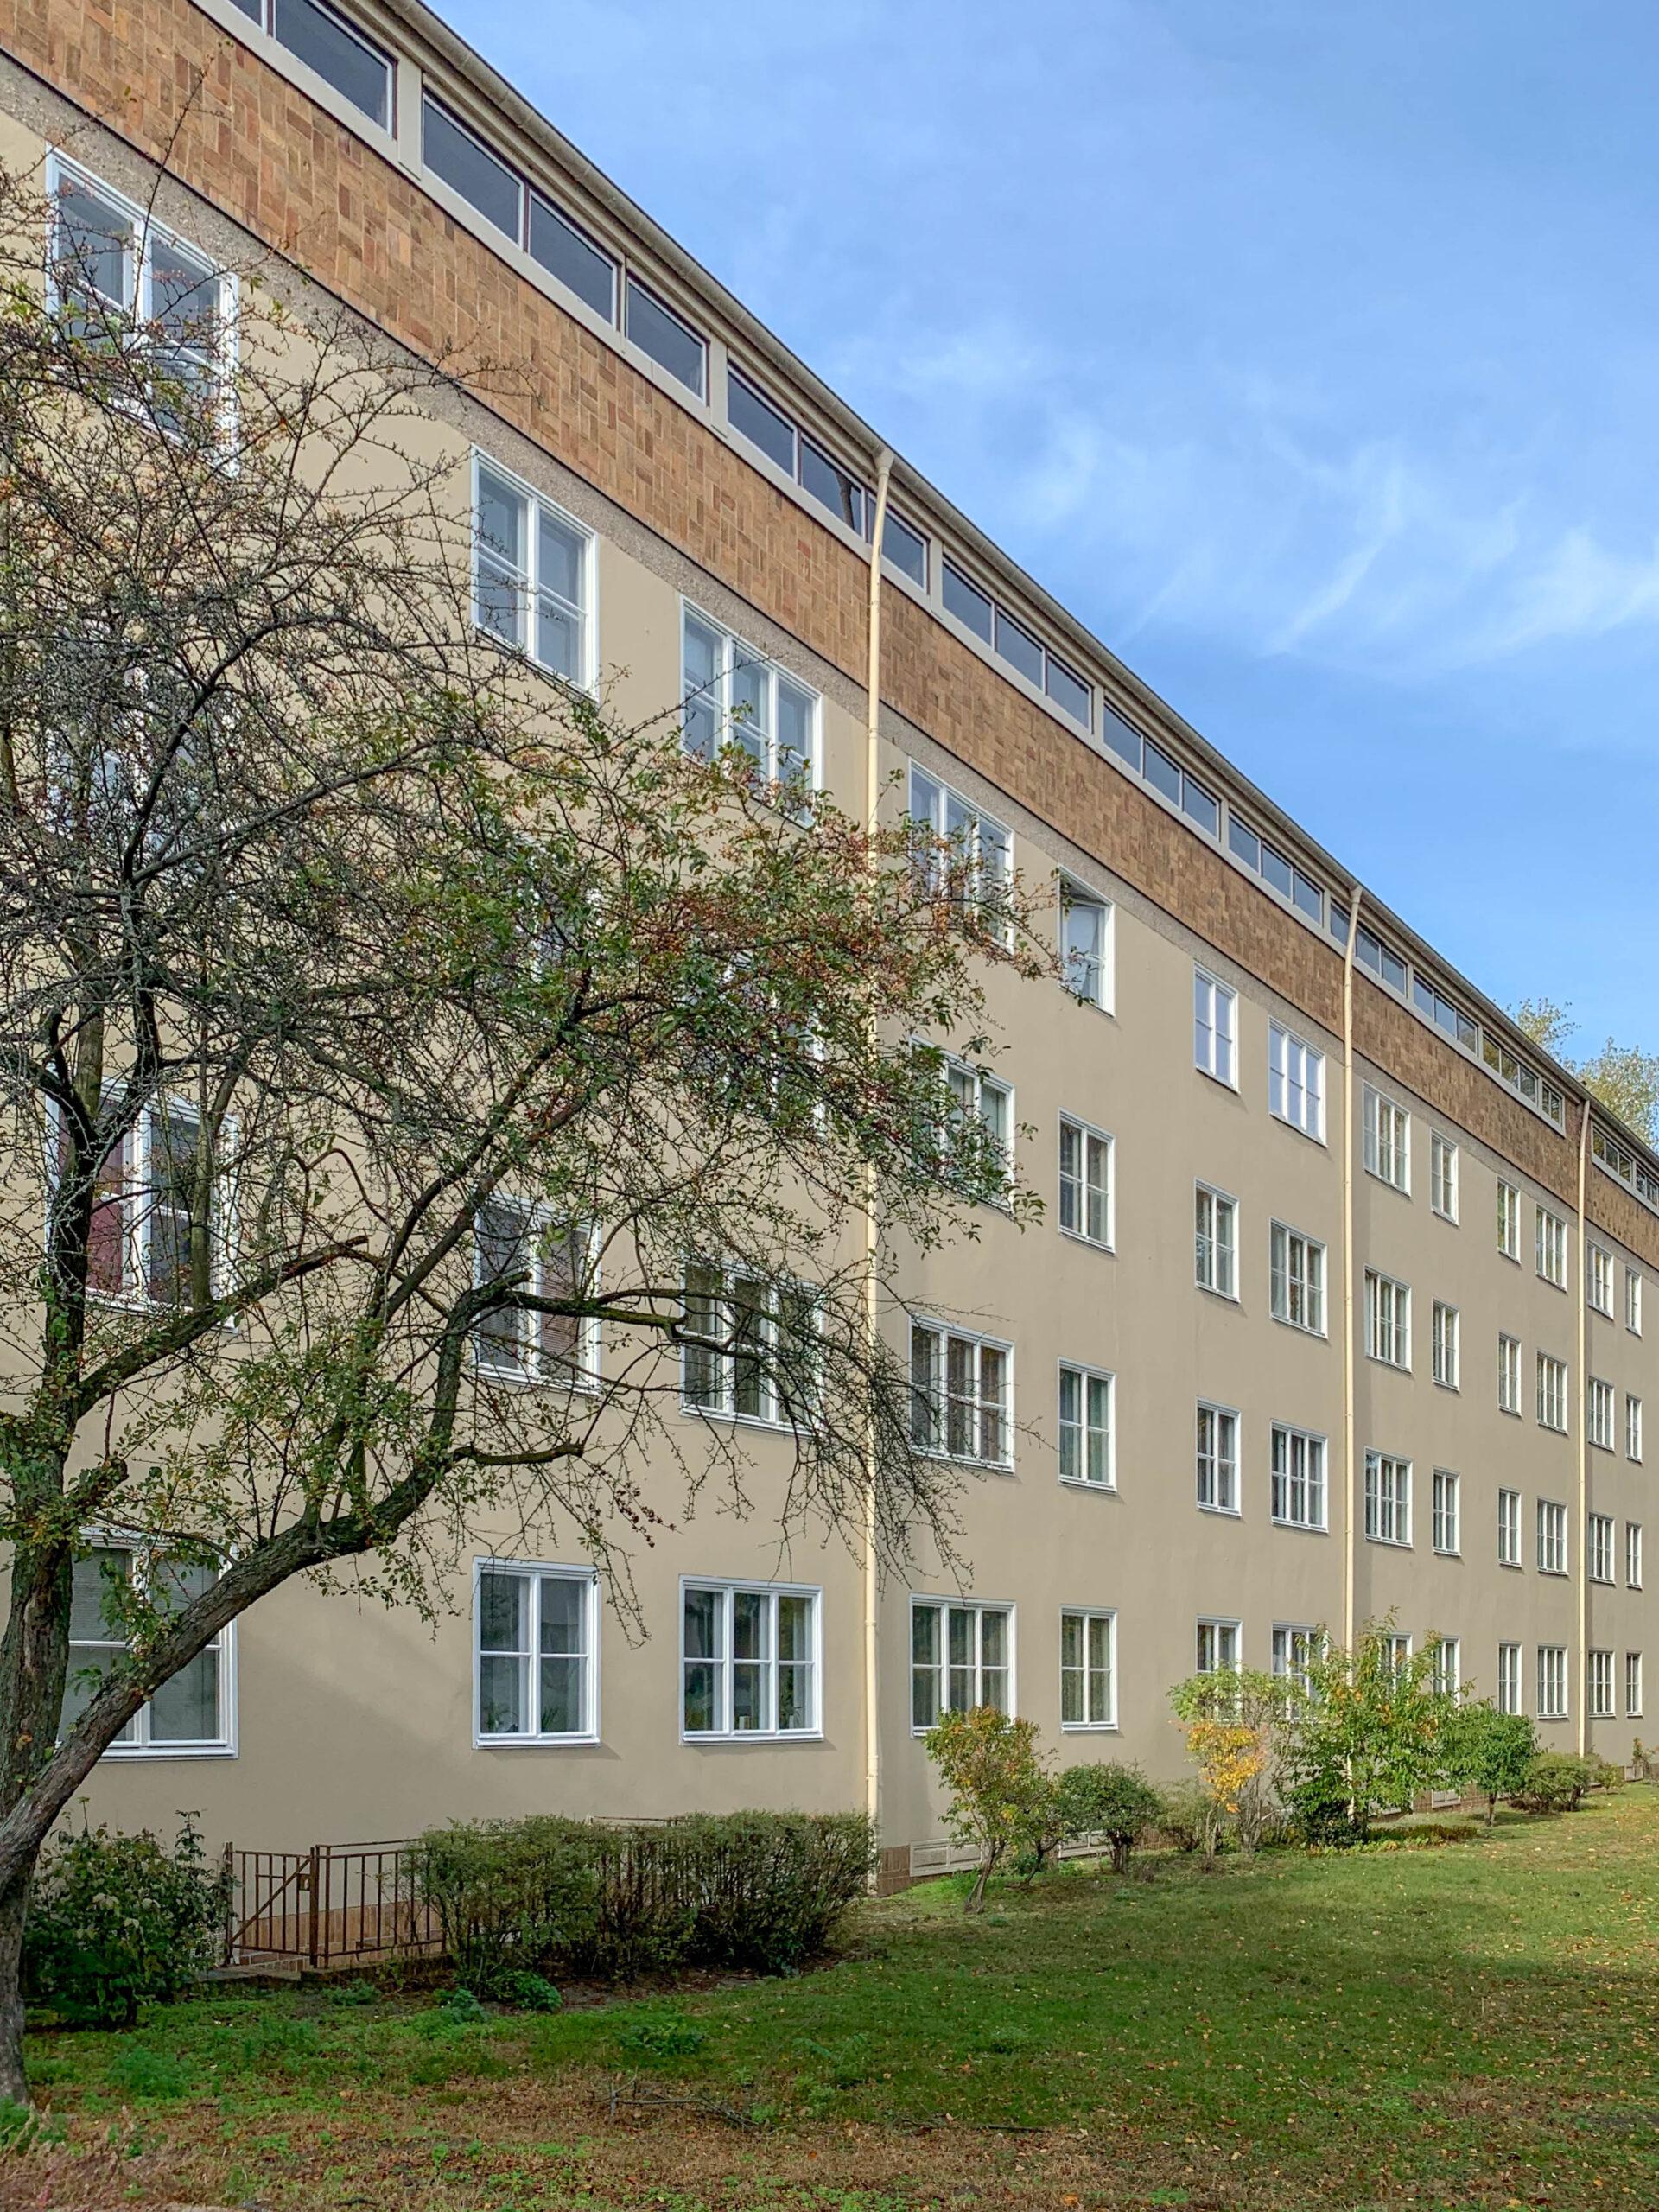 Wohnanlage, Siemensstadt, 1929-1931. Architekt: Hugo Häring